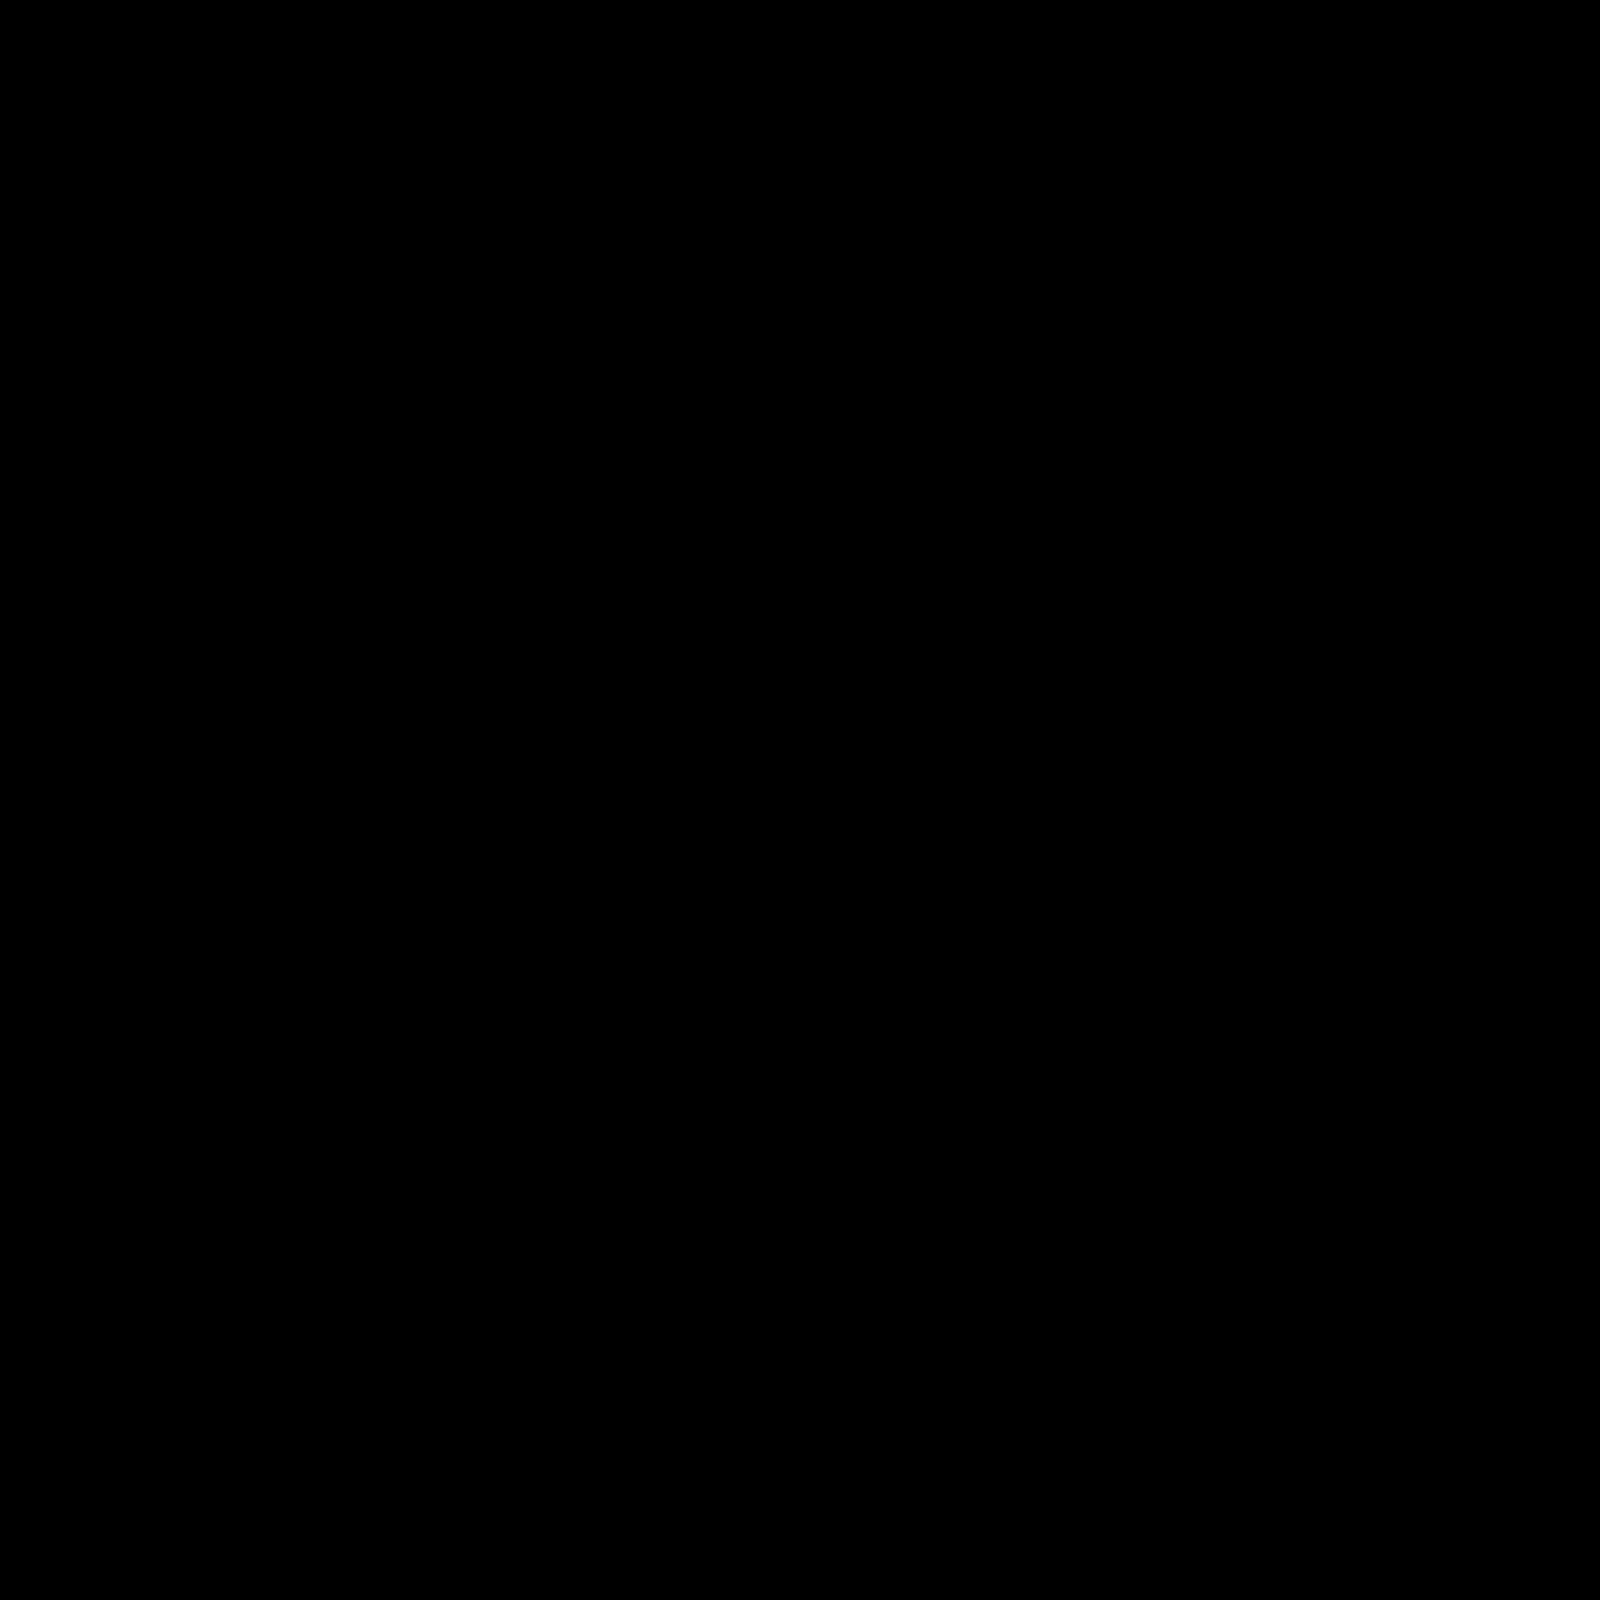 Remo 2 icon